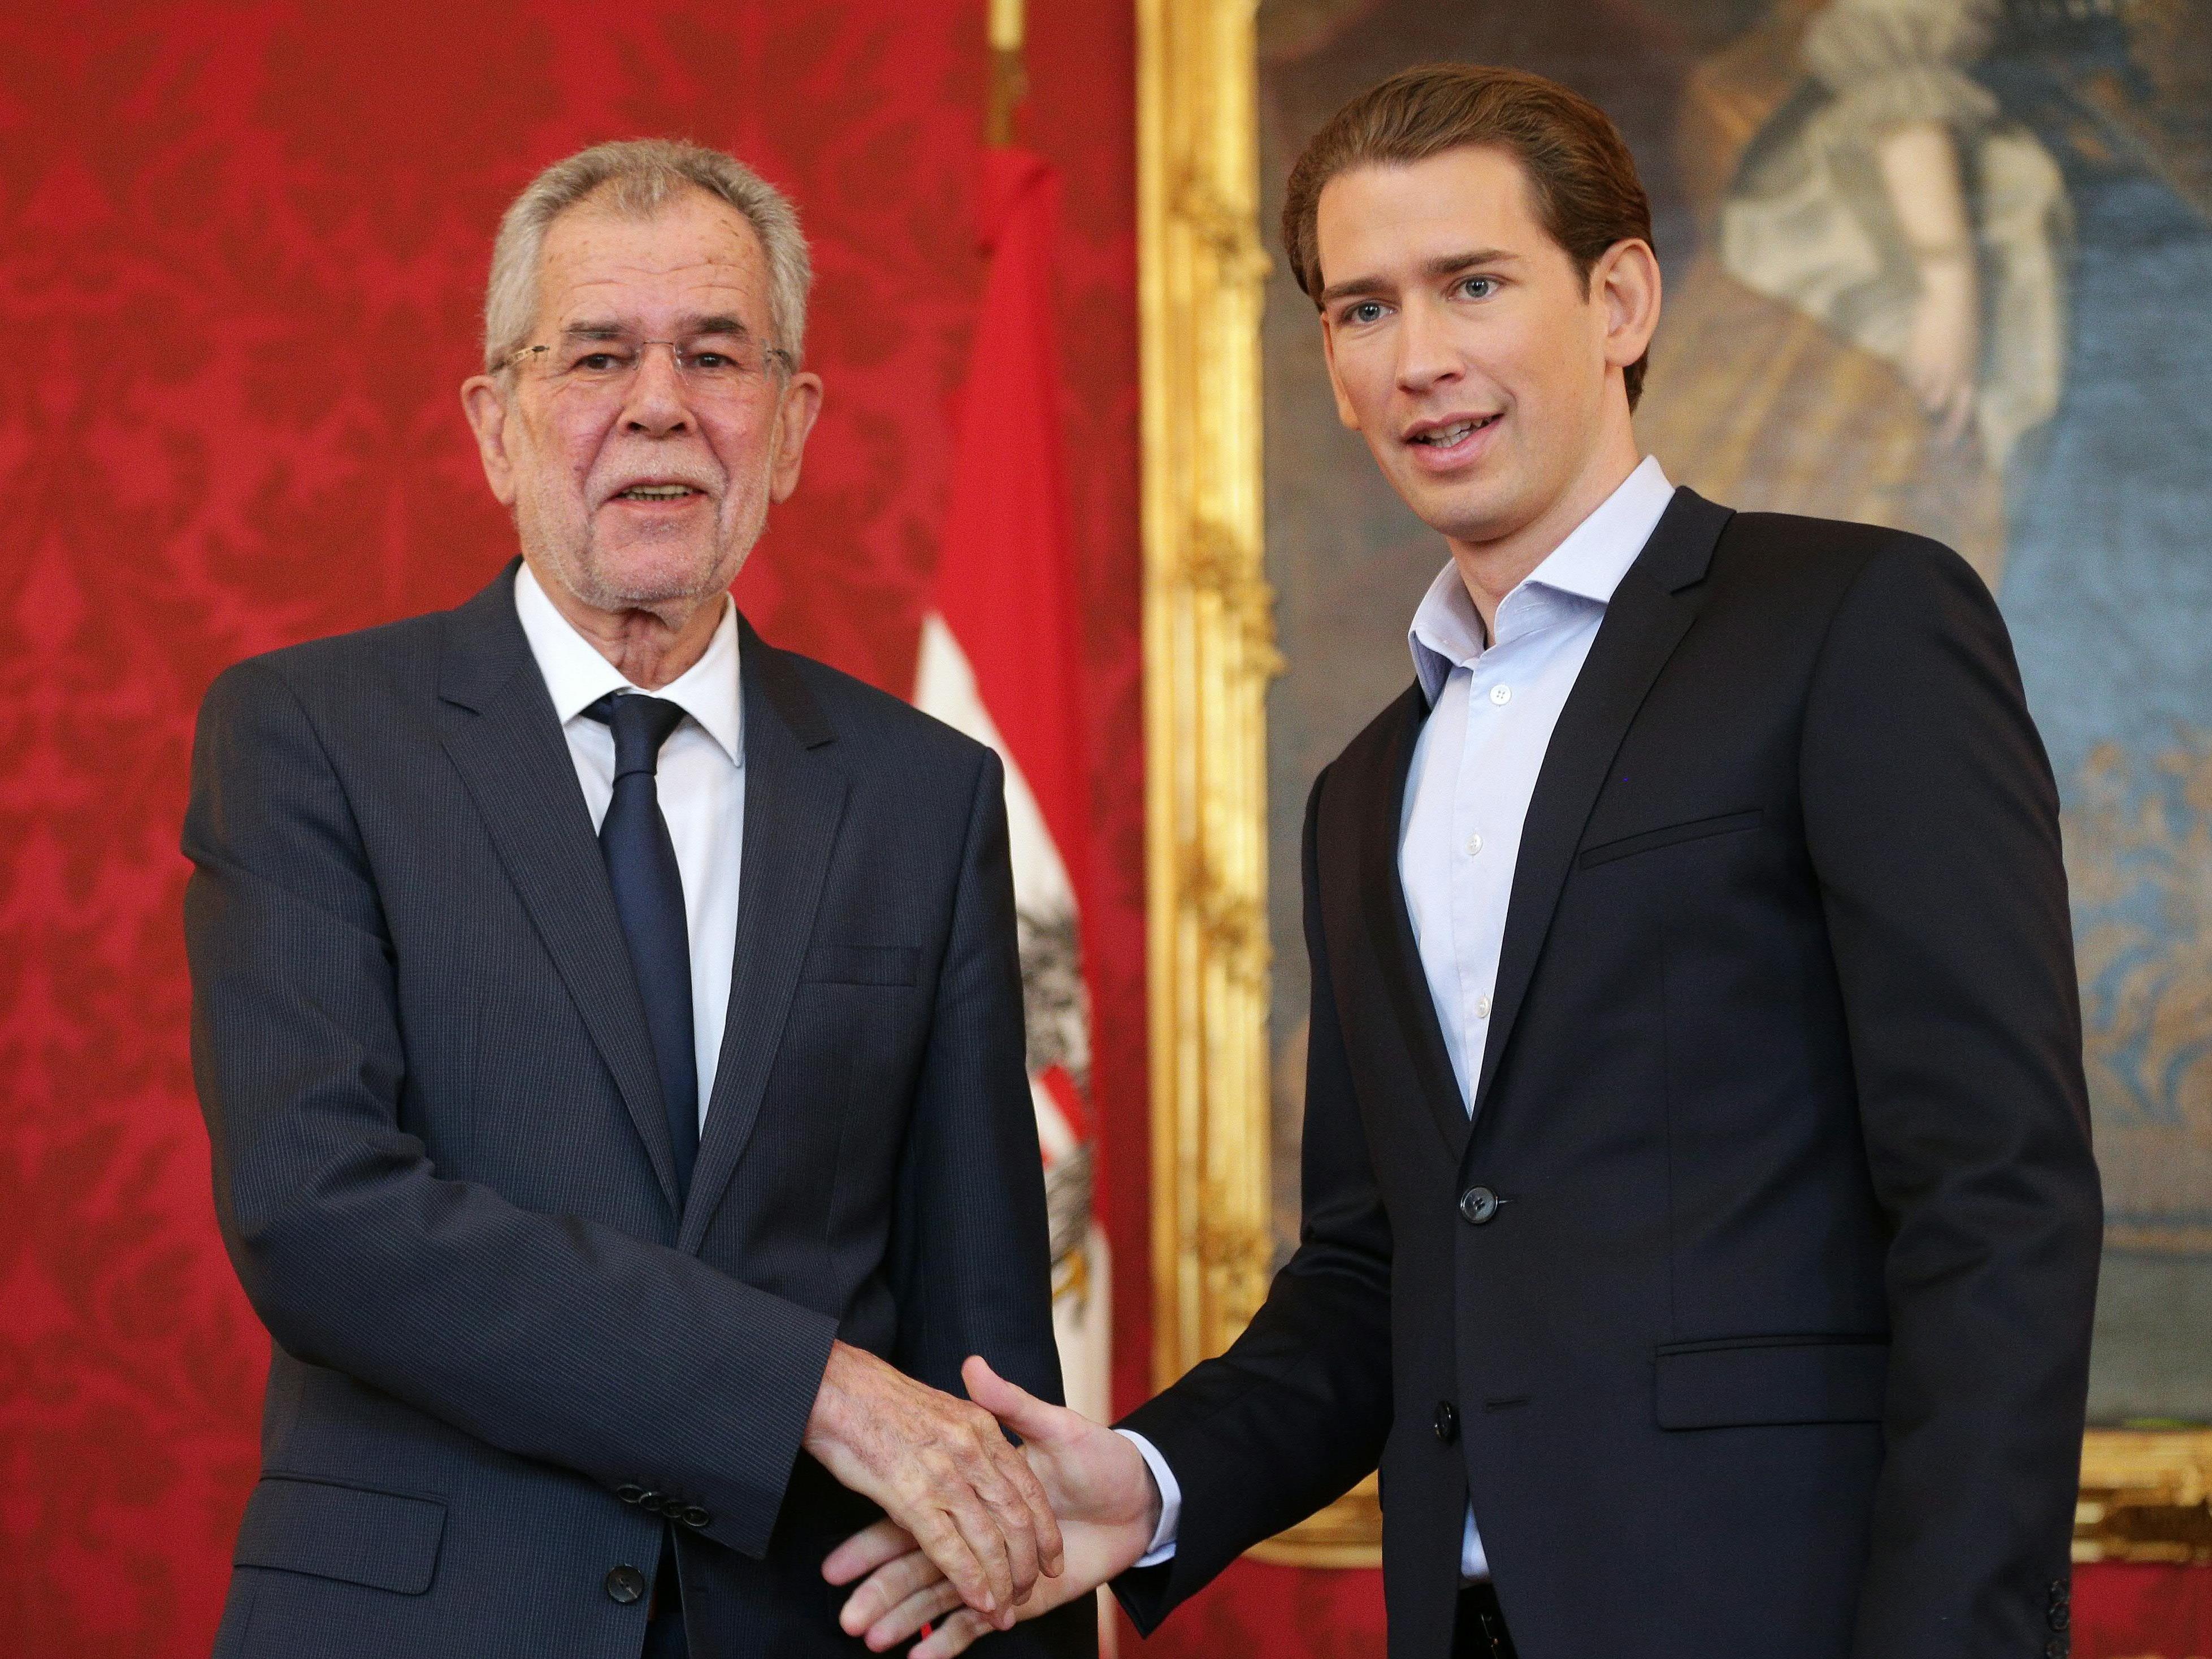 Der künftige ÖVP-Chef Sebastian Kurz beim Treffen mit Bundespräsident Alexander Van der Bellen